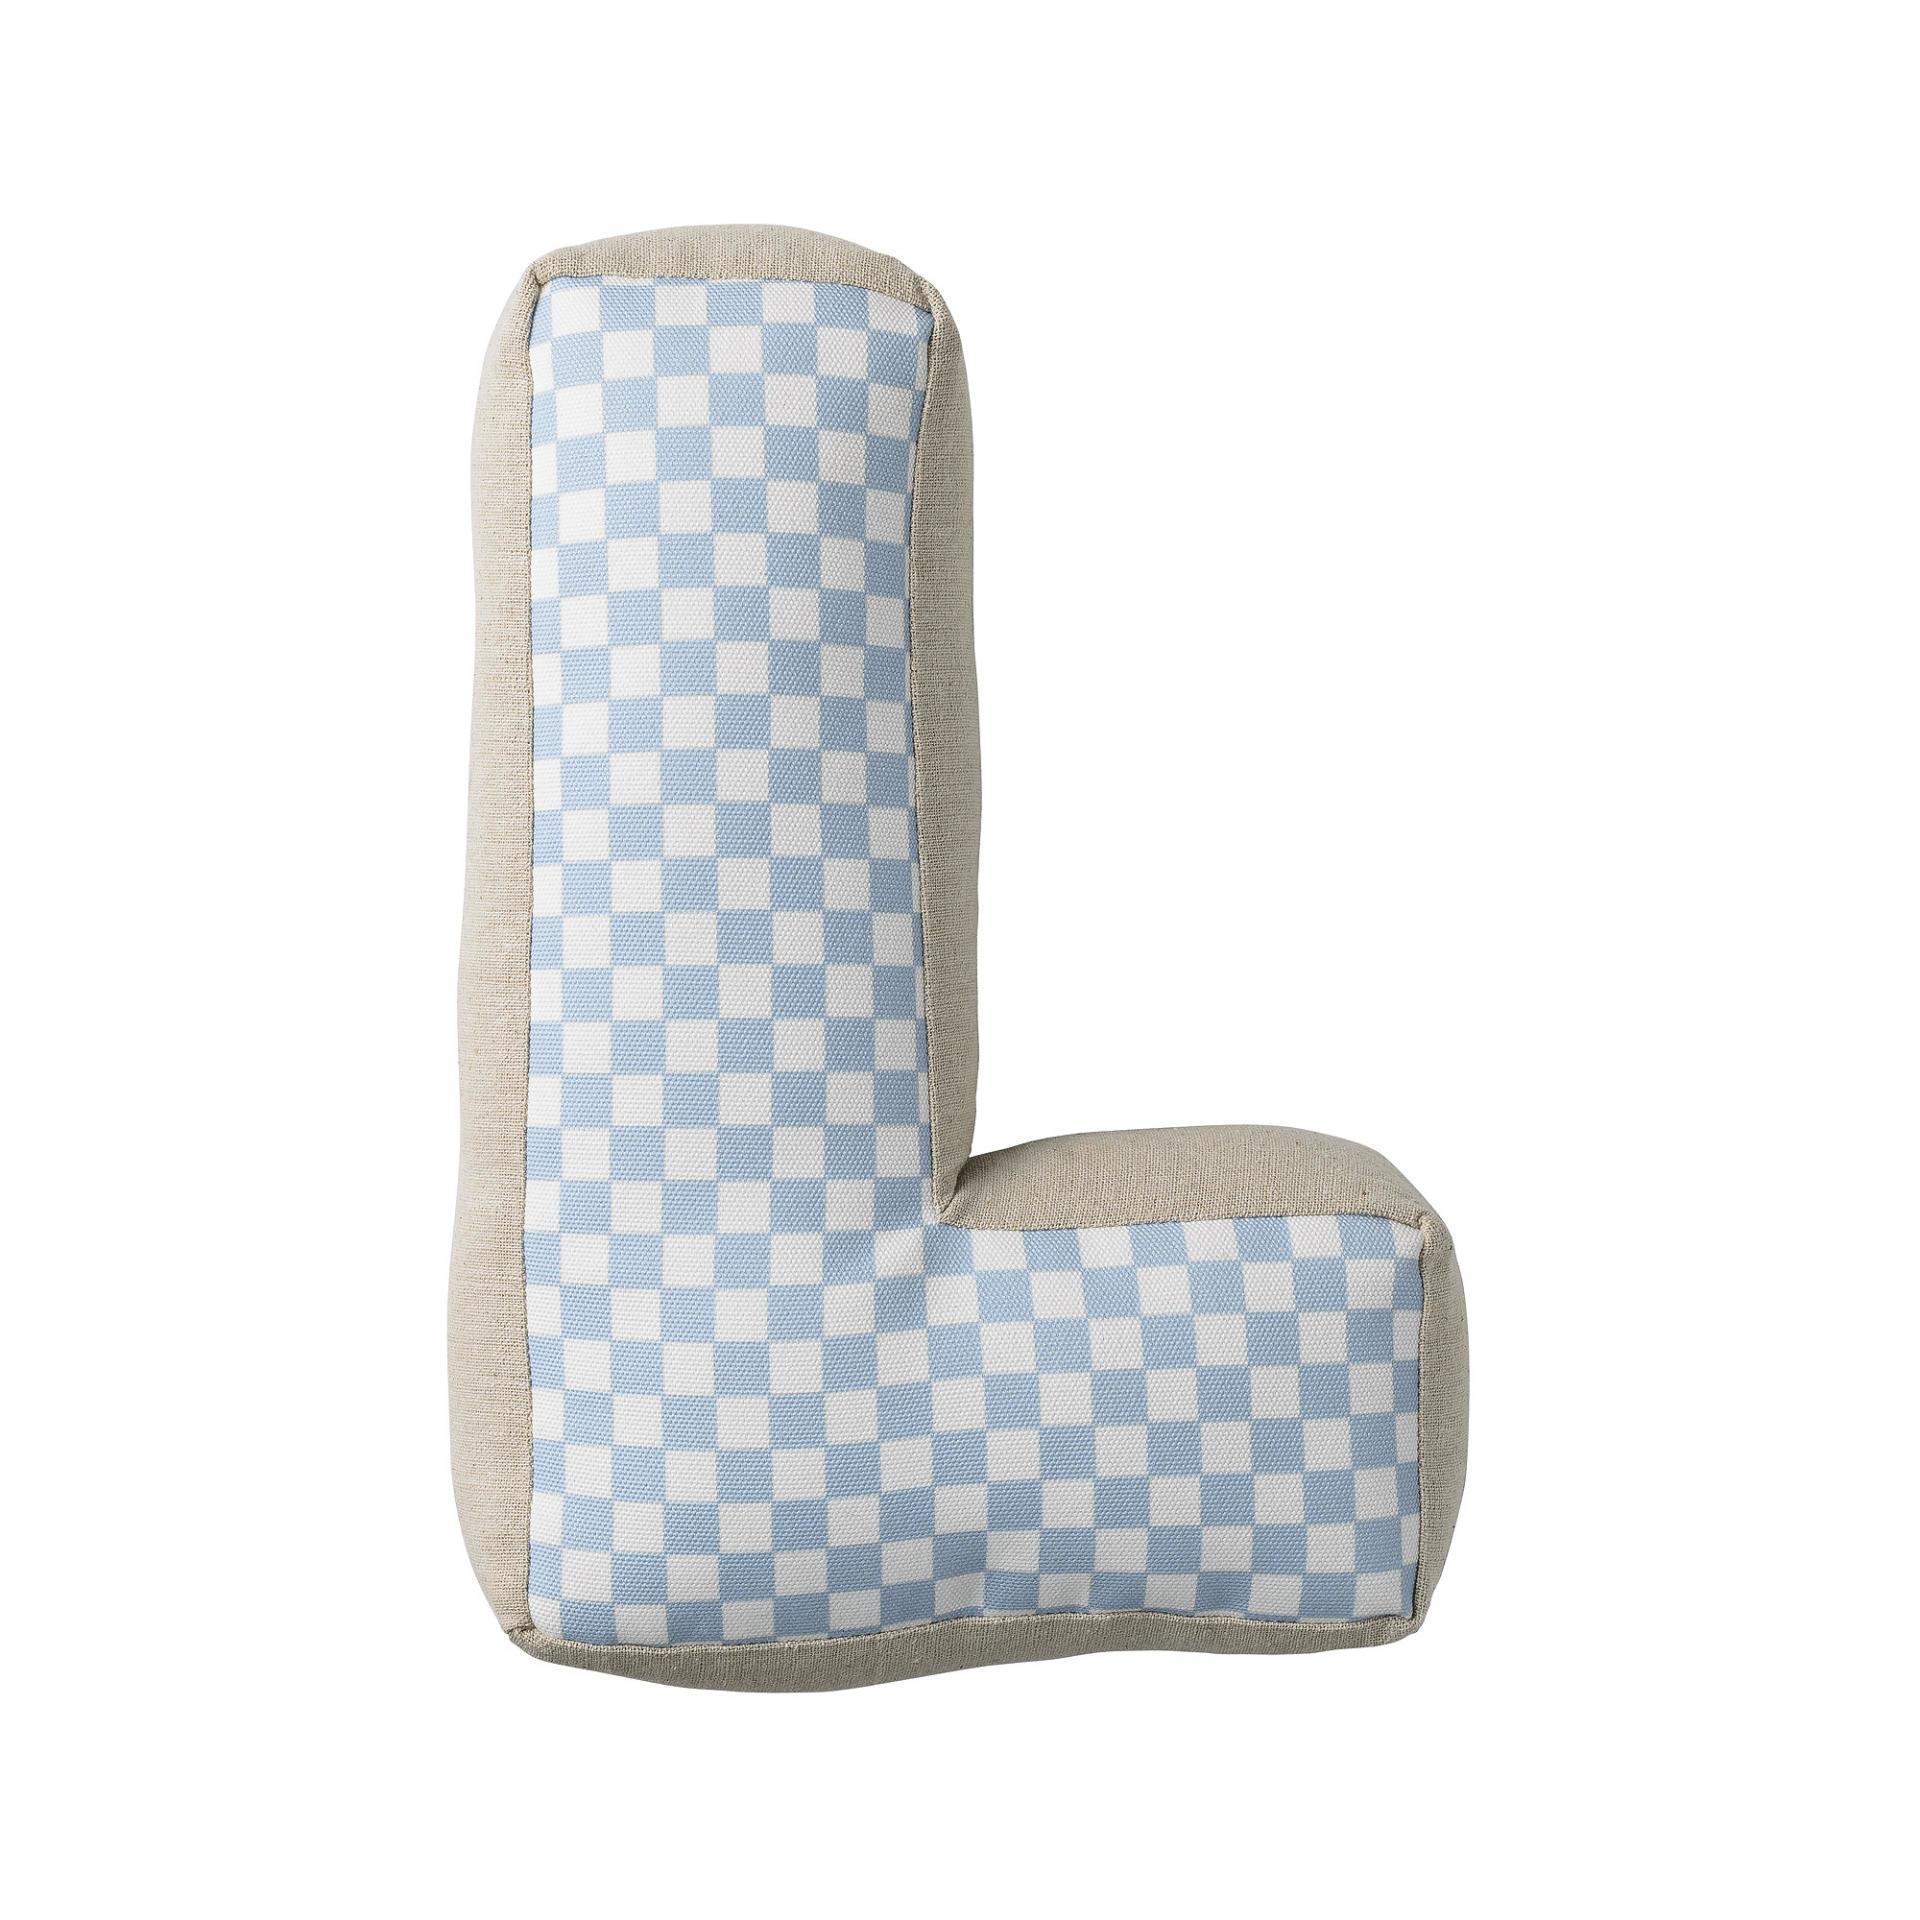 Bloomingville Dětský polštářek Checked ve tvaru písmene L, modrá barva, béžová barva, textil